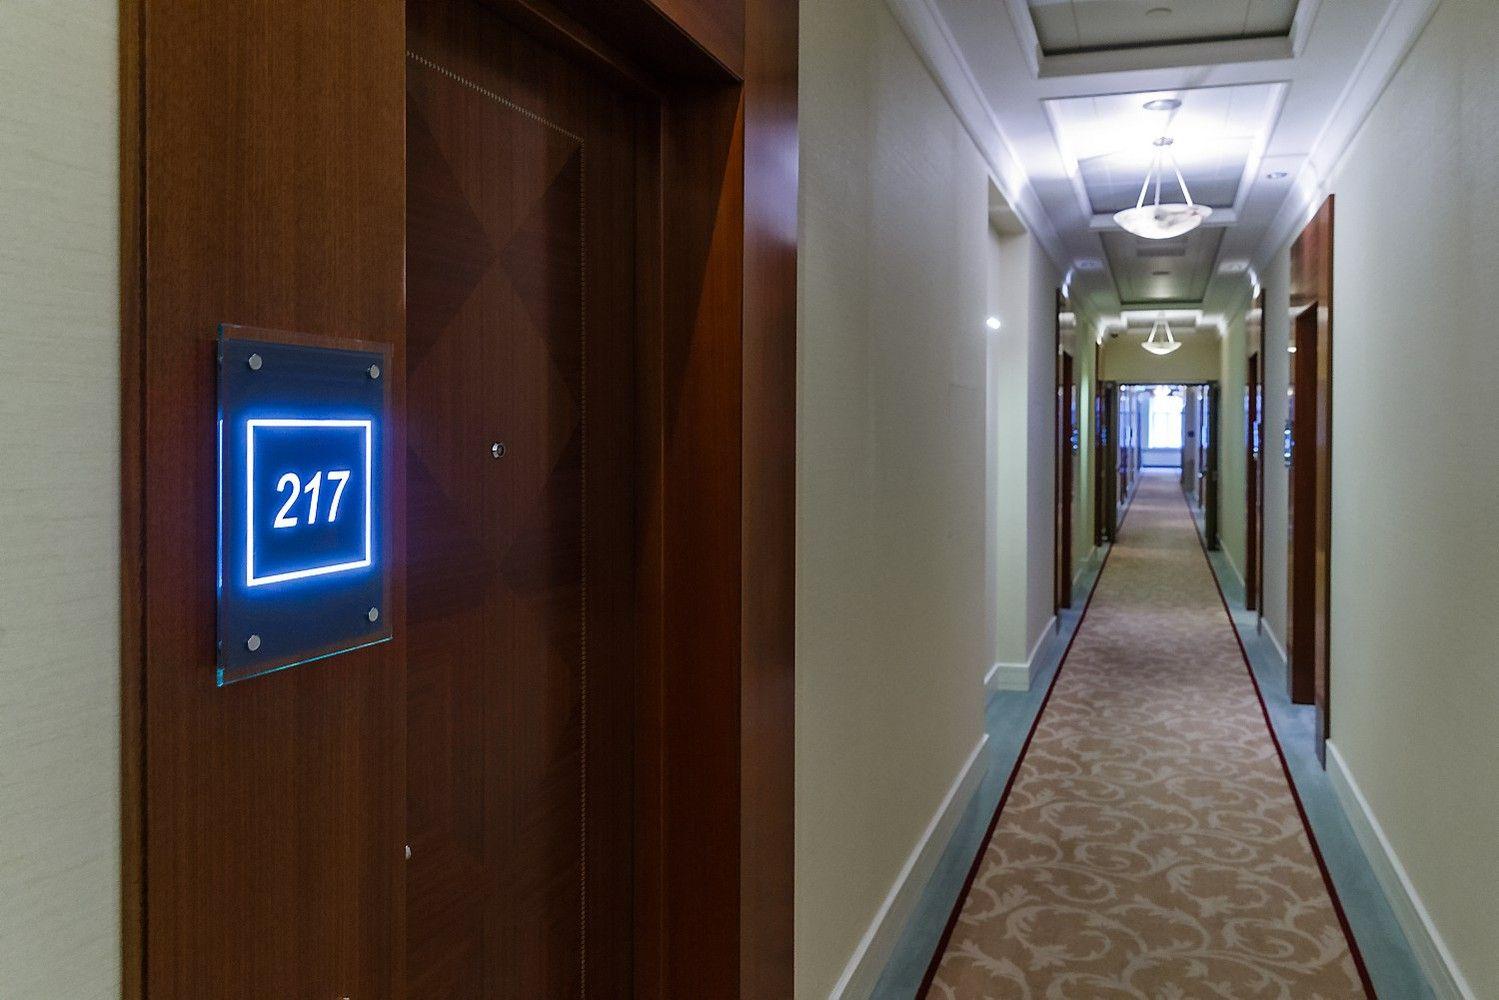 Ekologiniai sertifikatai viešbučiams kainuoja, bet galų gale neša naudą